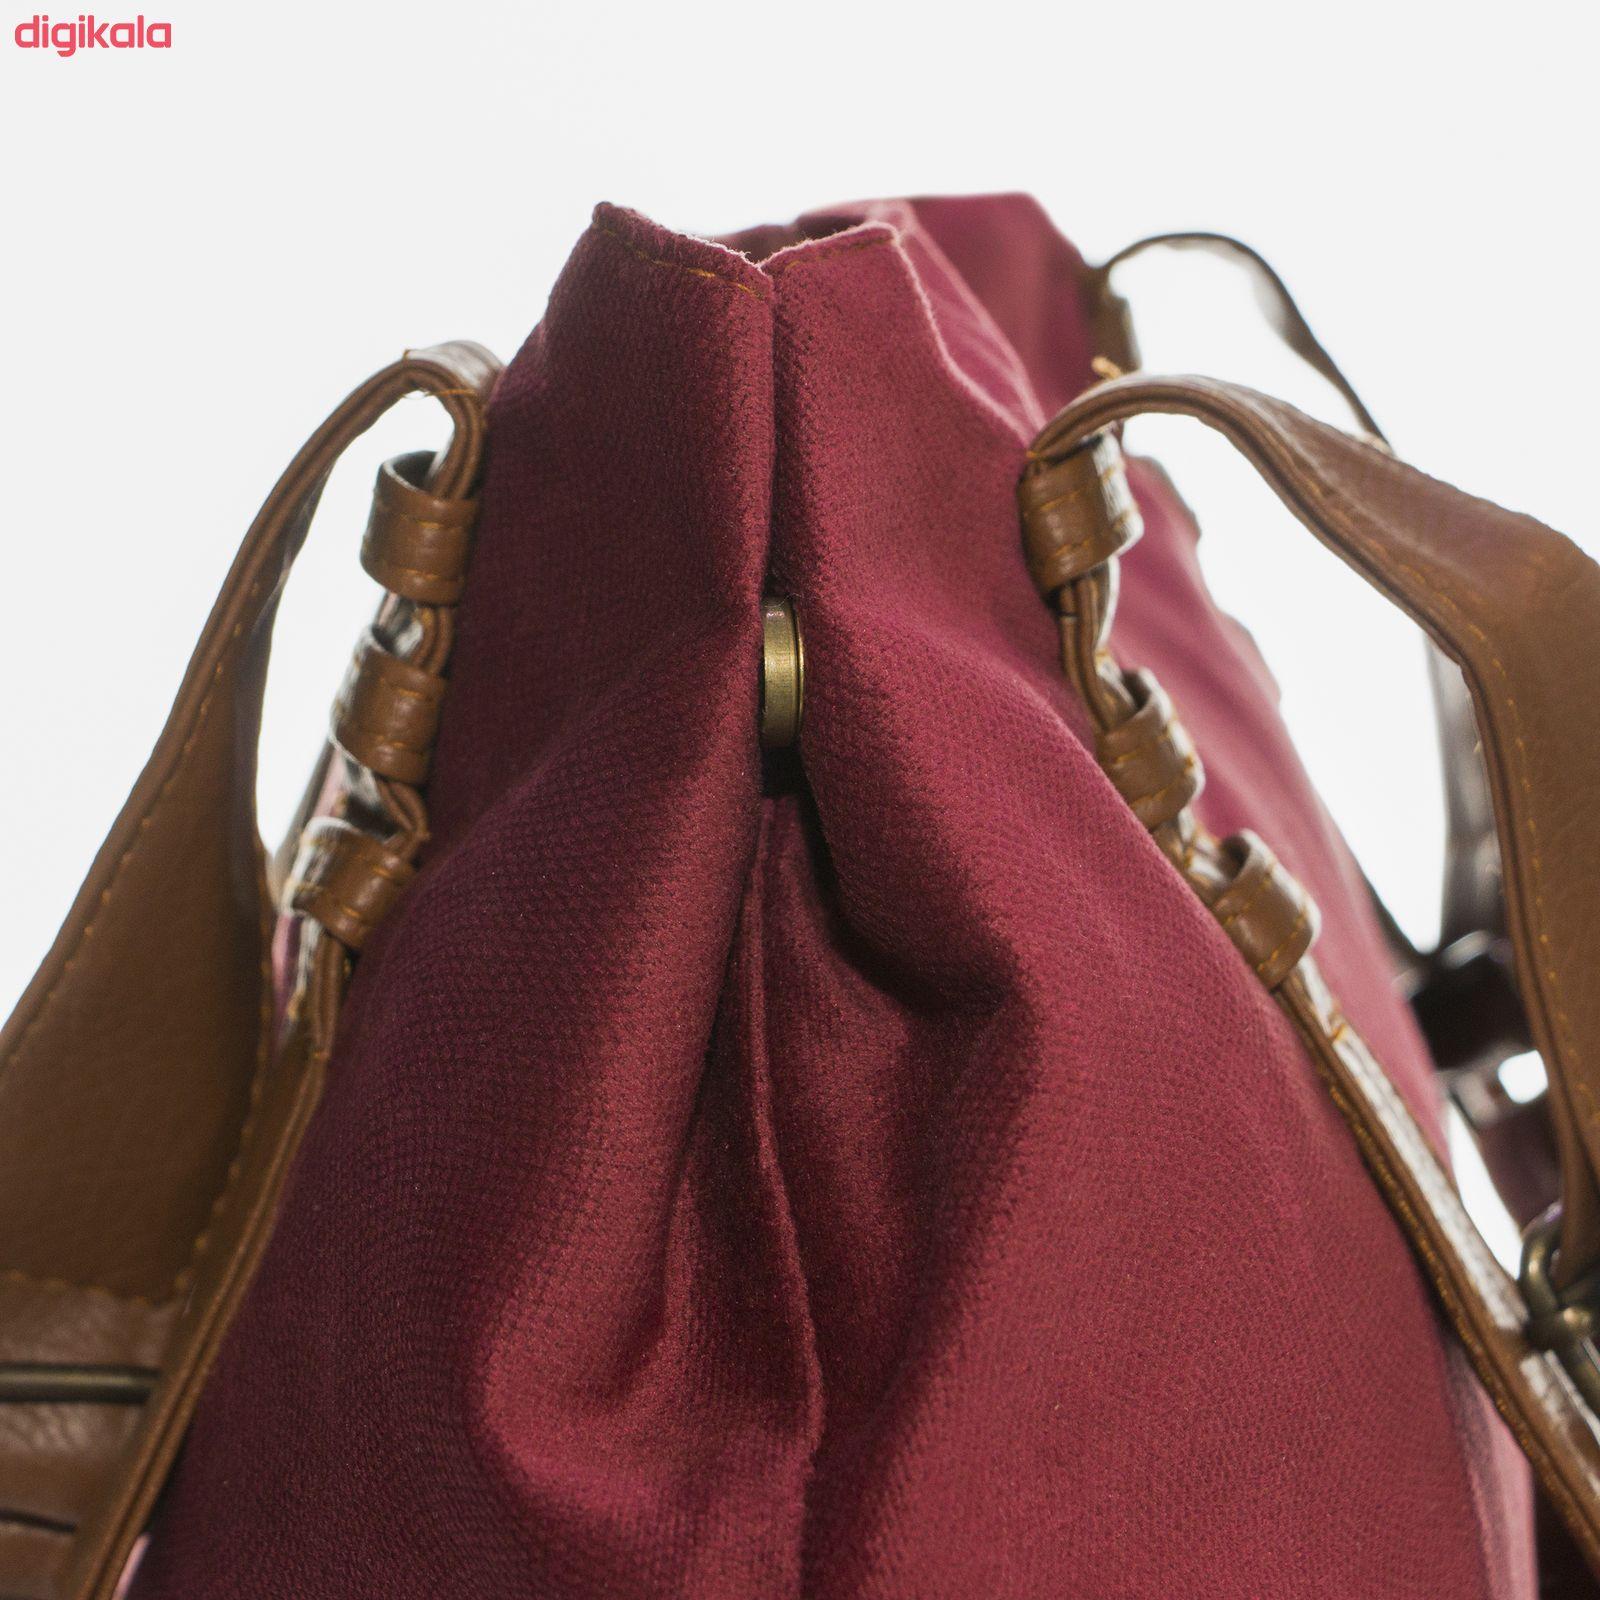 کیف دستی زنانه مدل M1 main 1 30